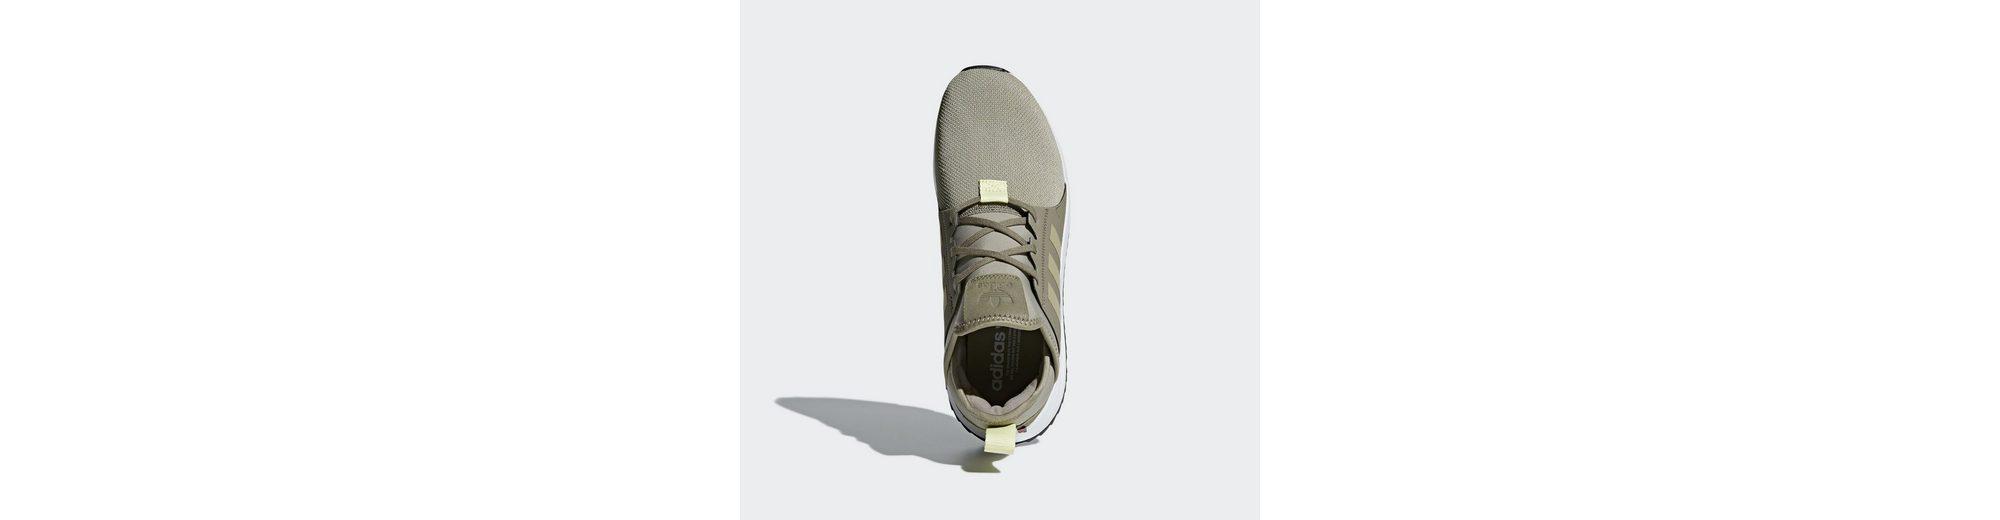 Rabatt Günstiger Preis adidas Originals X_PLR Sneakerboot Schuh Sneaker Breite Palette Von Online Freies Verschiffen Verkauf 3S9I2Fr2Hg